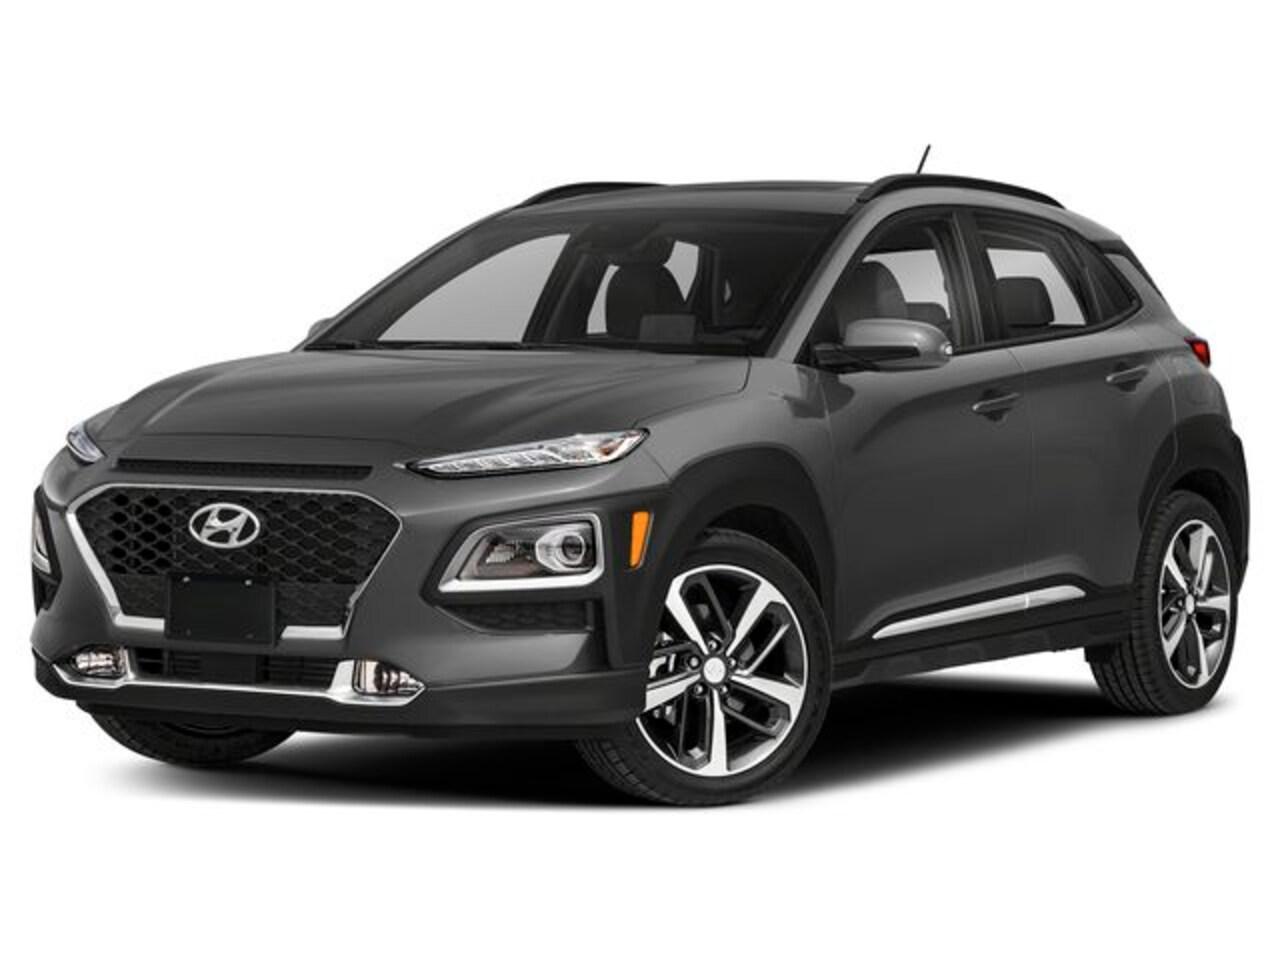 2019 Hyundai KONA 2.0L FWD Essential SUV